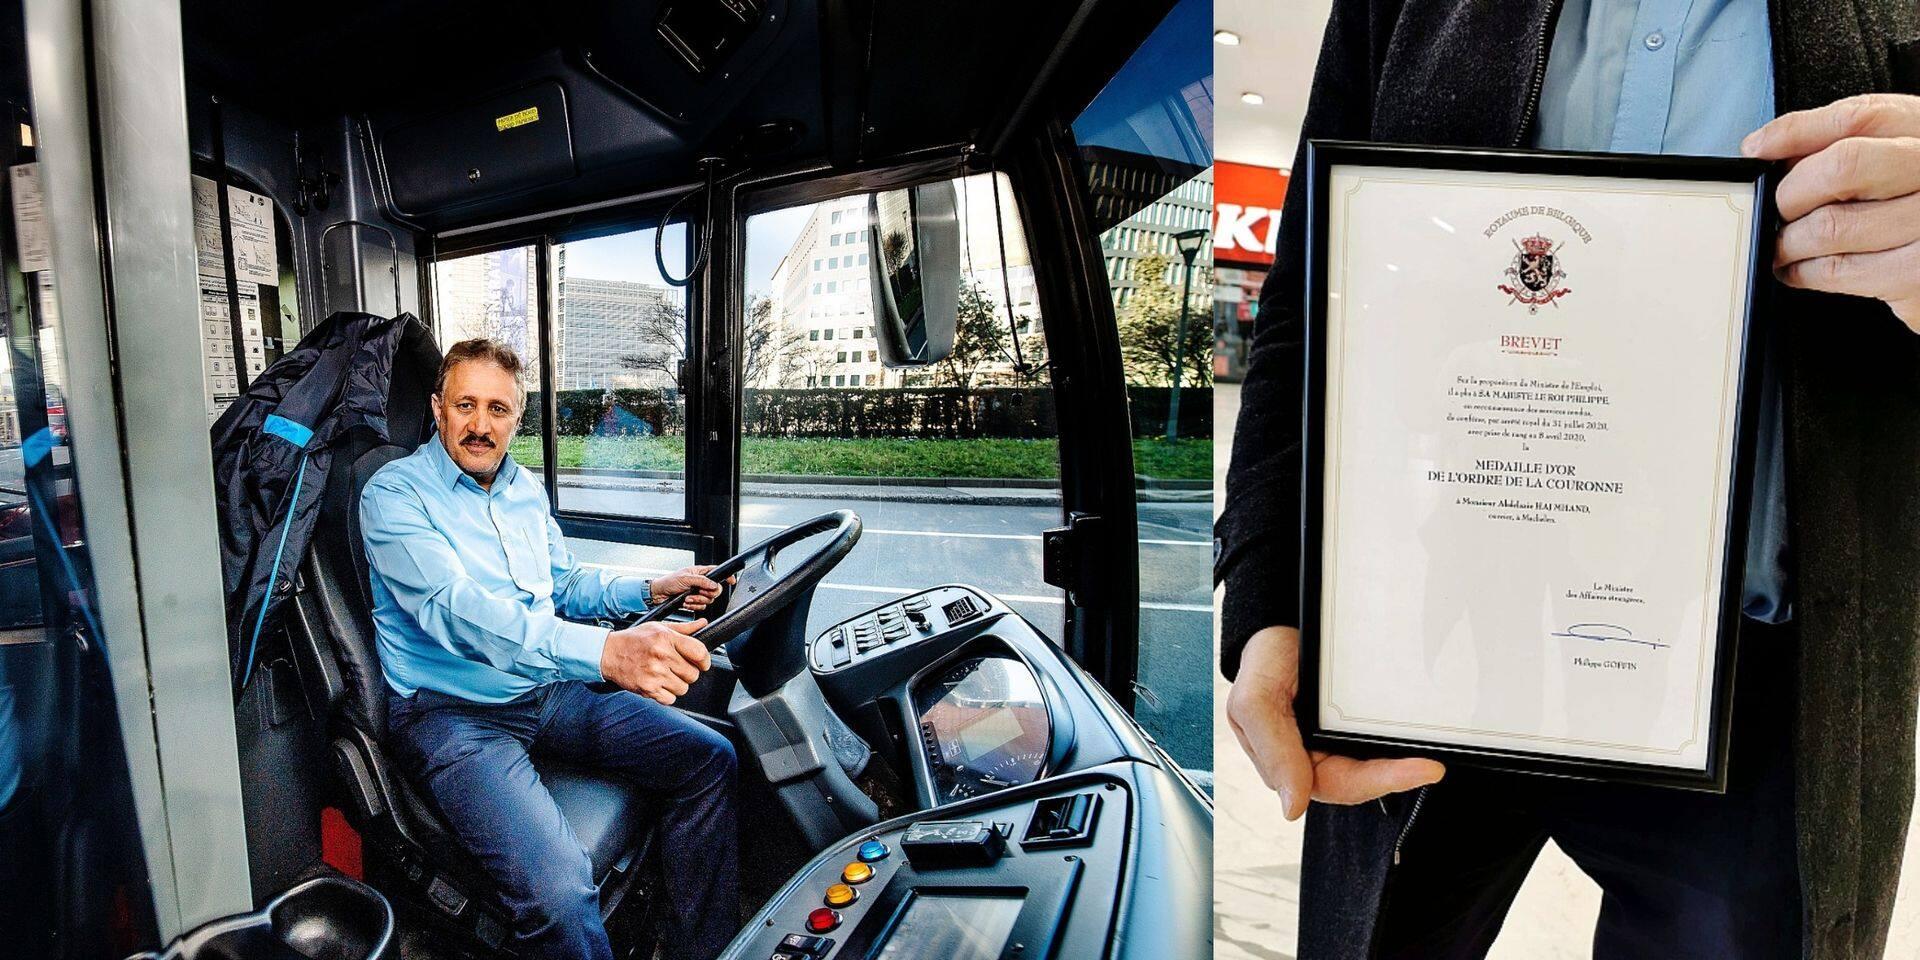 """Aziz, chauffeur à la Stib, décoré de la Médaille d'Or de l'Ordre de la Couronne : """"Merci au Roi de ce si beau pays pour la reconnaissance"""""""